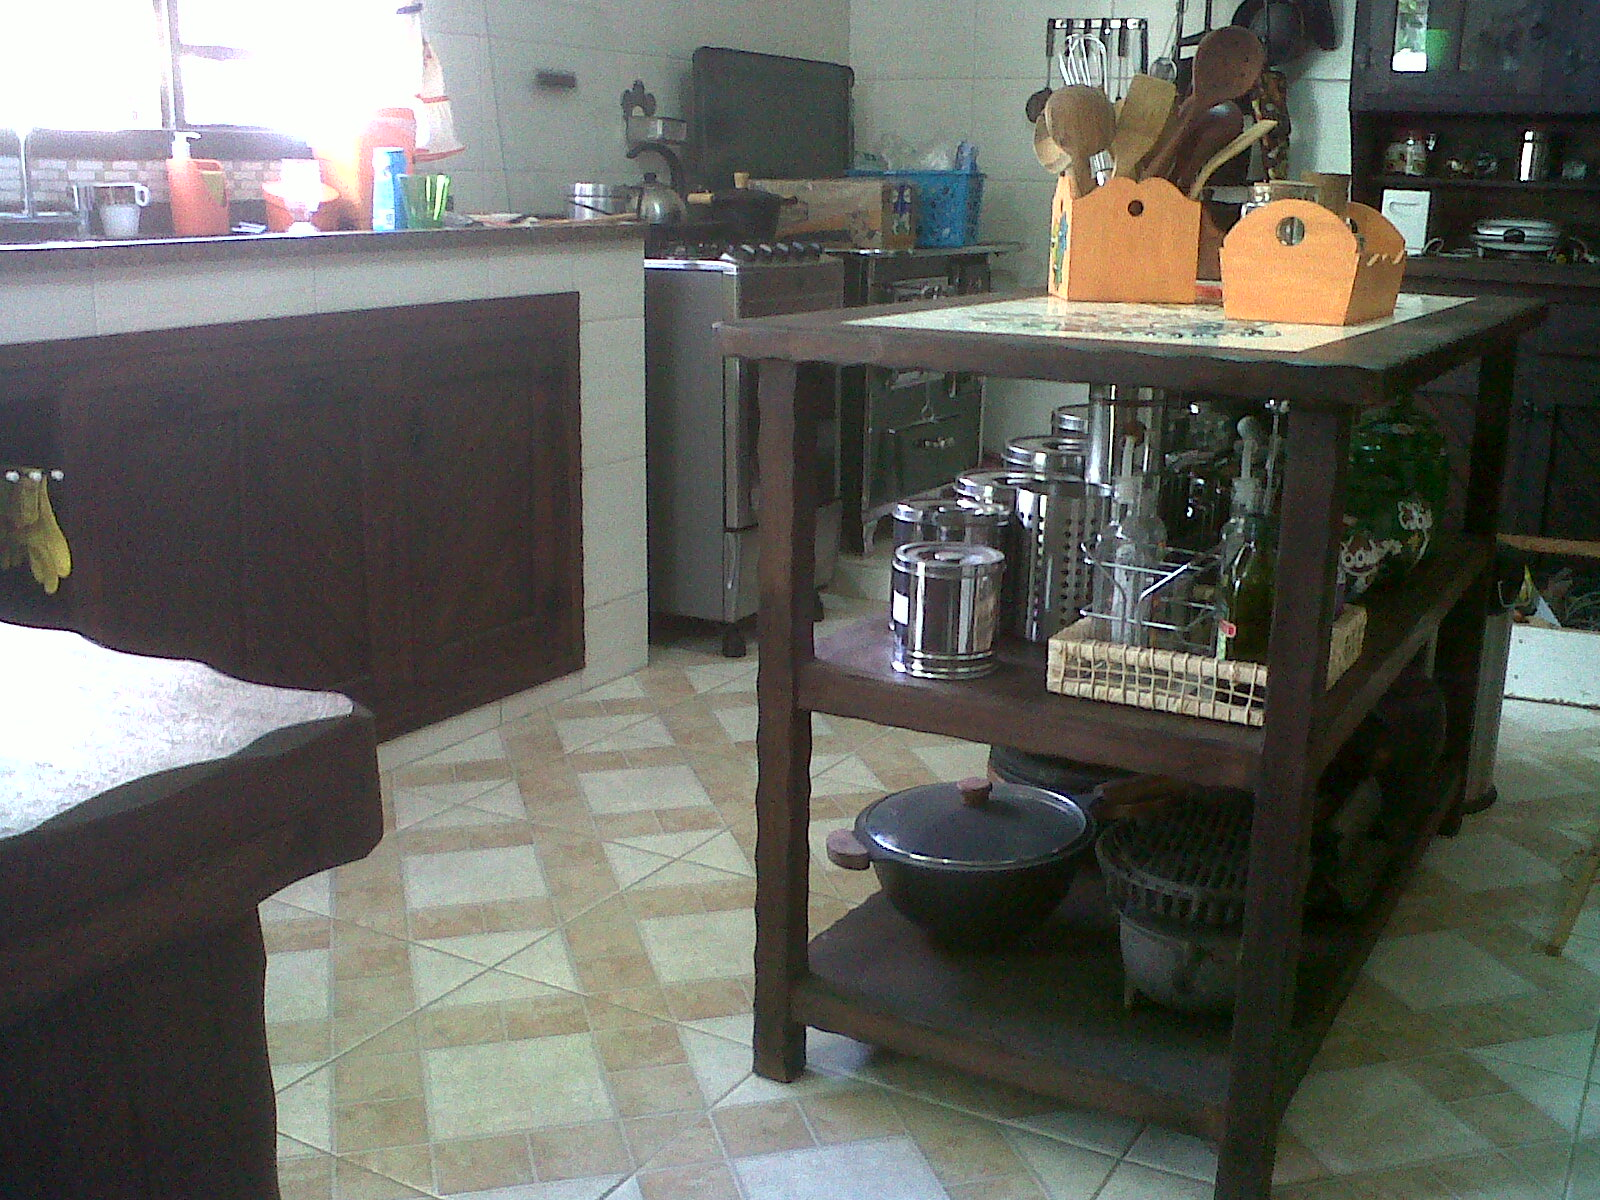 #975C34 decoracao cozinha caipira:Cozinha Caipira 1600x1200 px Fornecedores De Cozinha_754 Imagens